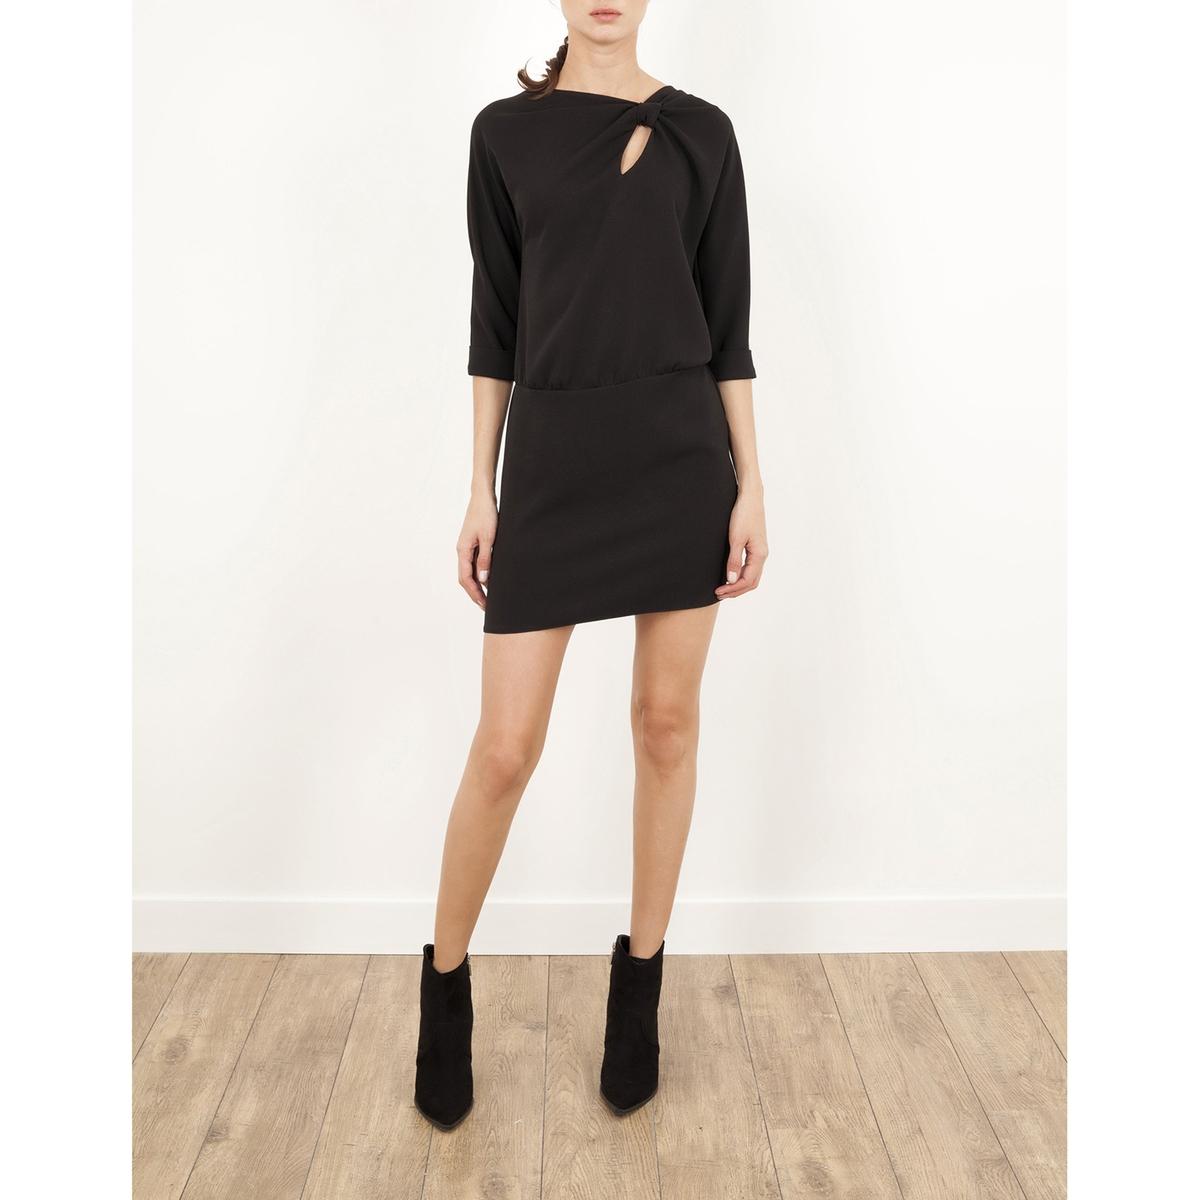 Платье с рукавами 3/4, и ремешком LENNY B, REPONSEСостав и описание :Материал : 100% полиэстераМарка : LENNY B<br><br>Цвет: черный